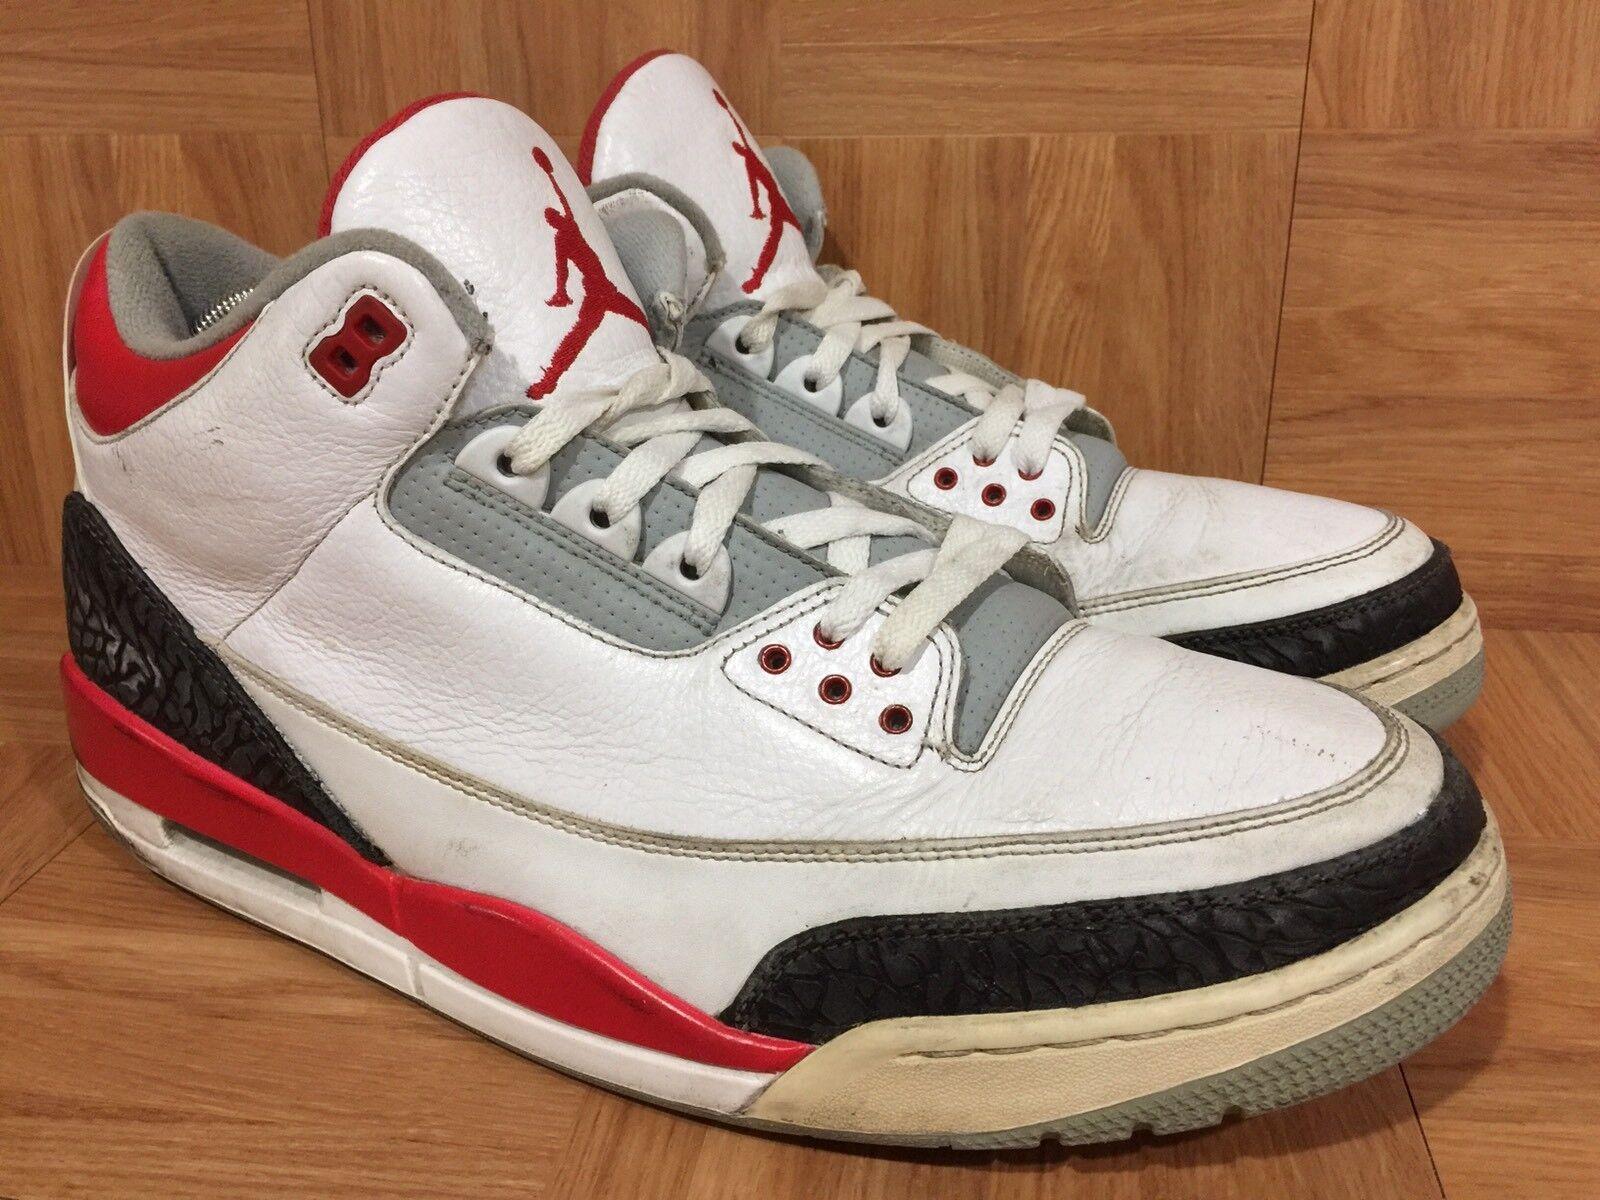 RARE  Nike Air Jordan 3 III White Fire Red Silver Black Sz 14 136064-120 Cement